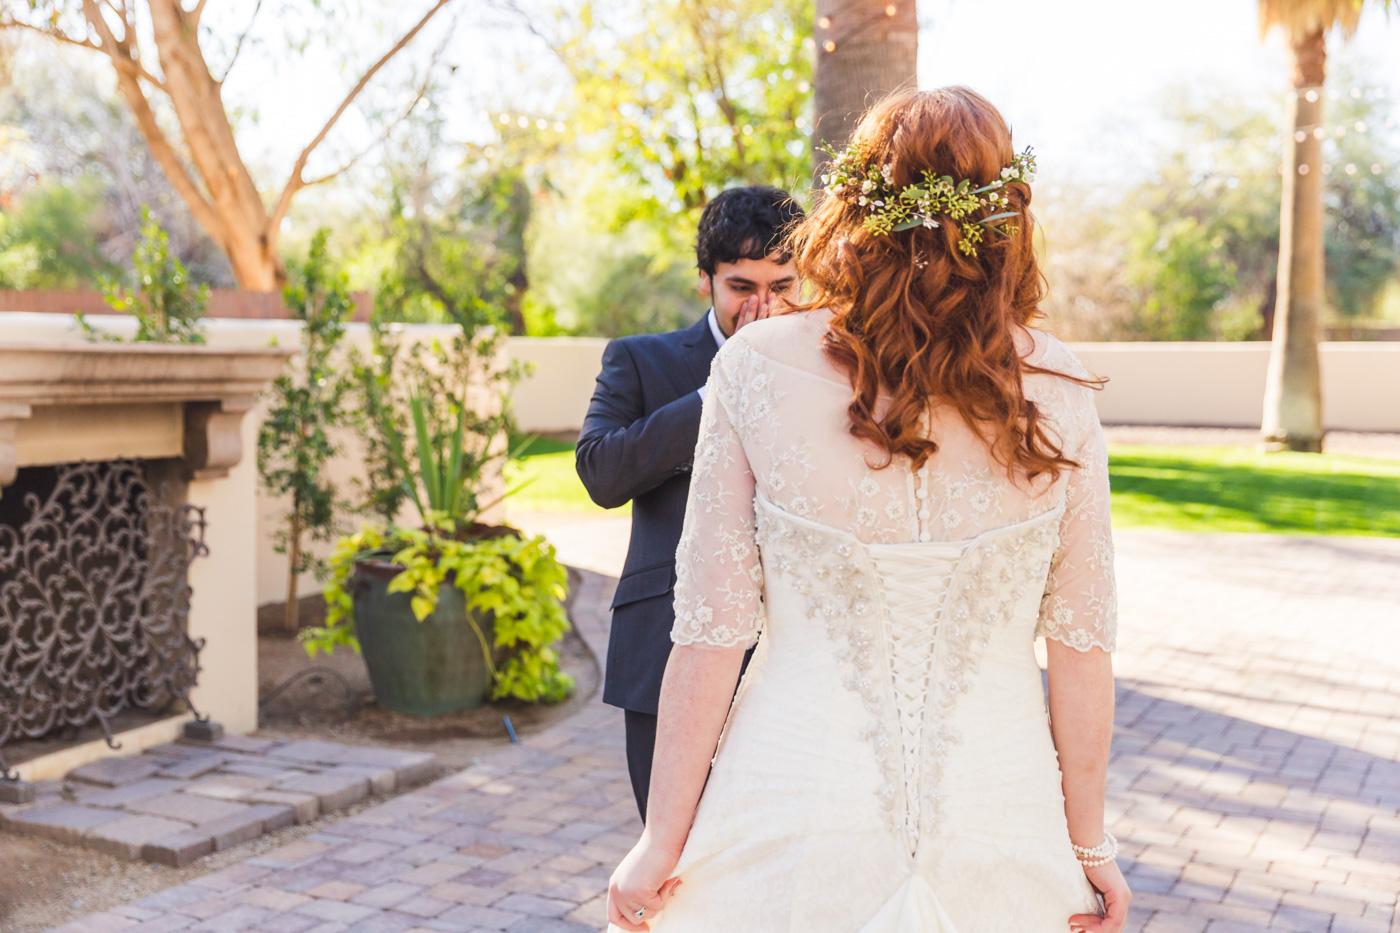 groom-seeing-bride